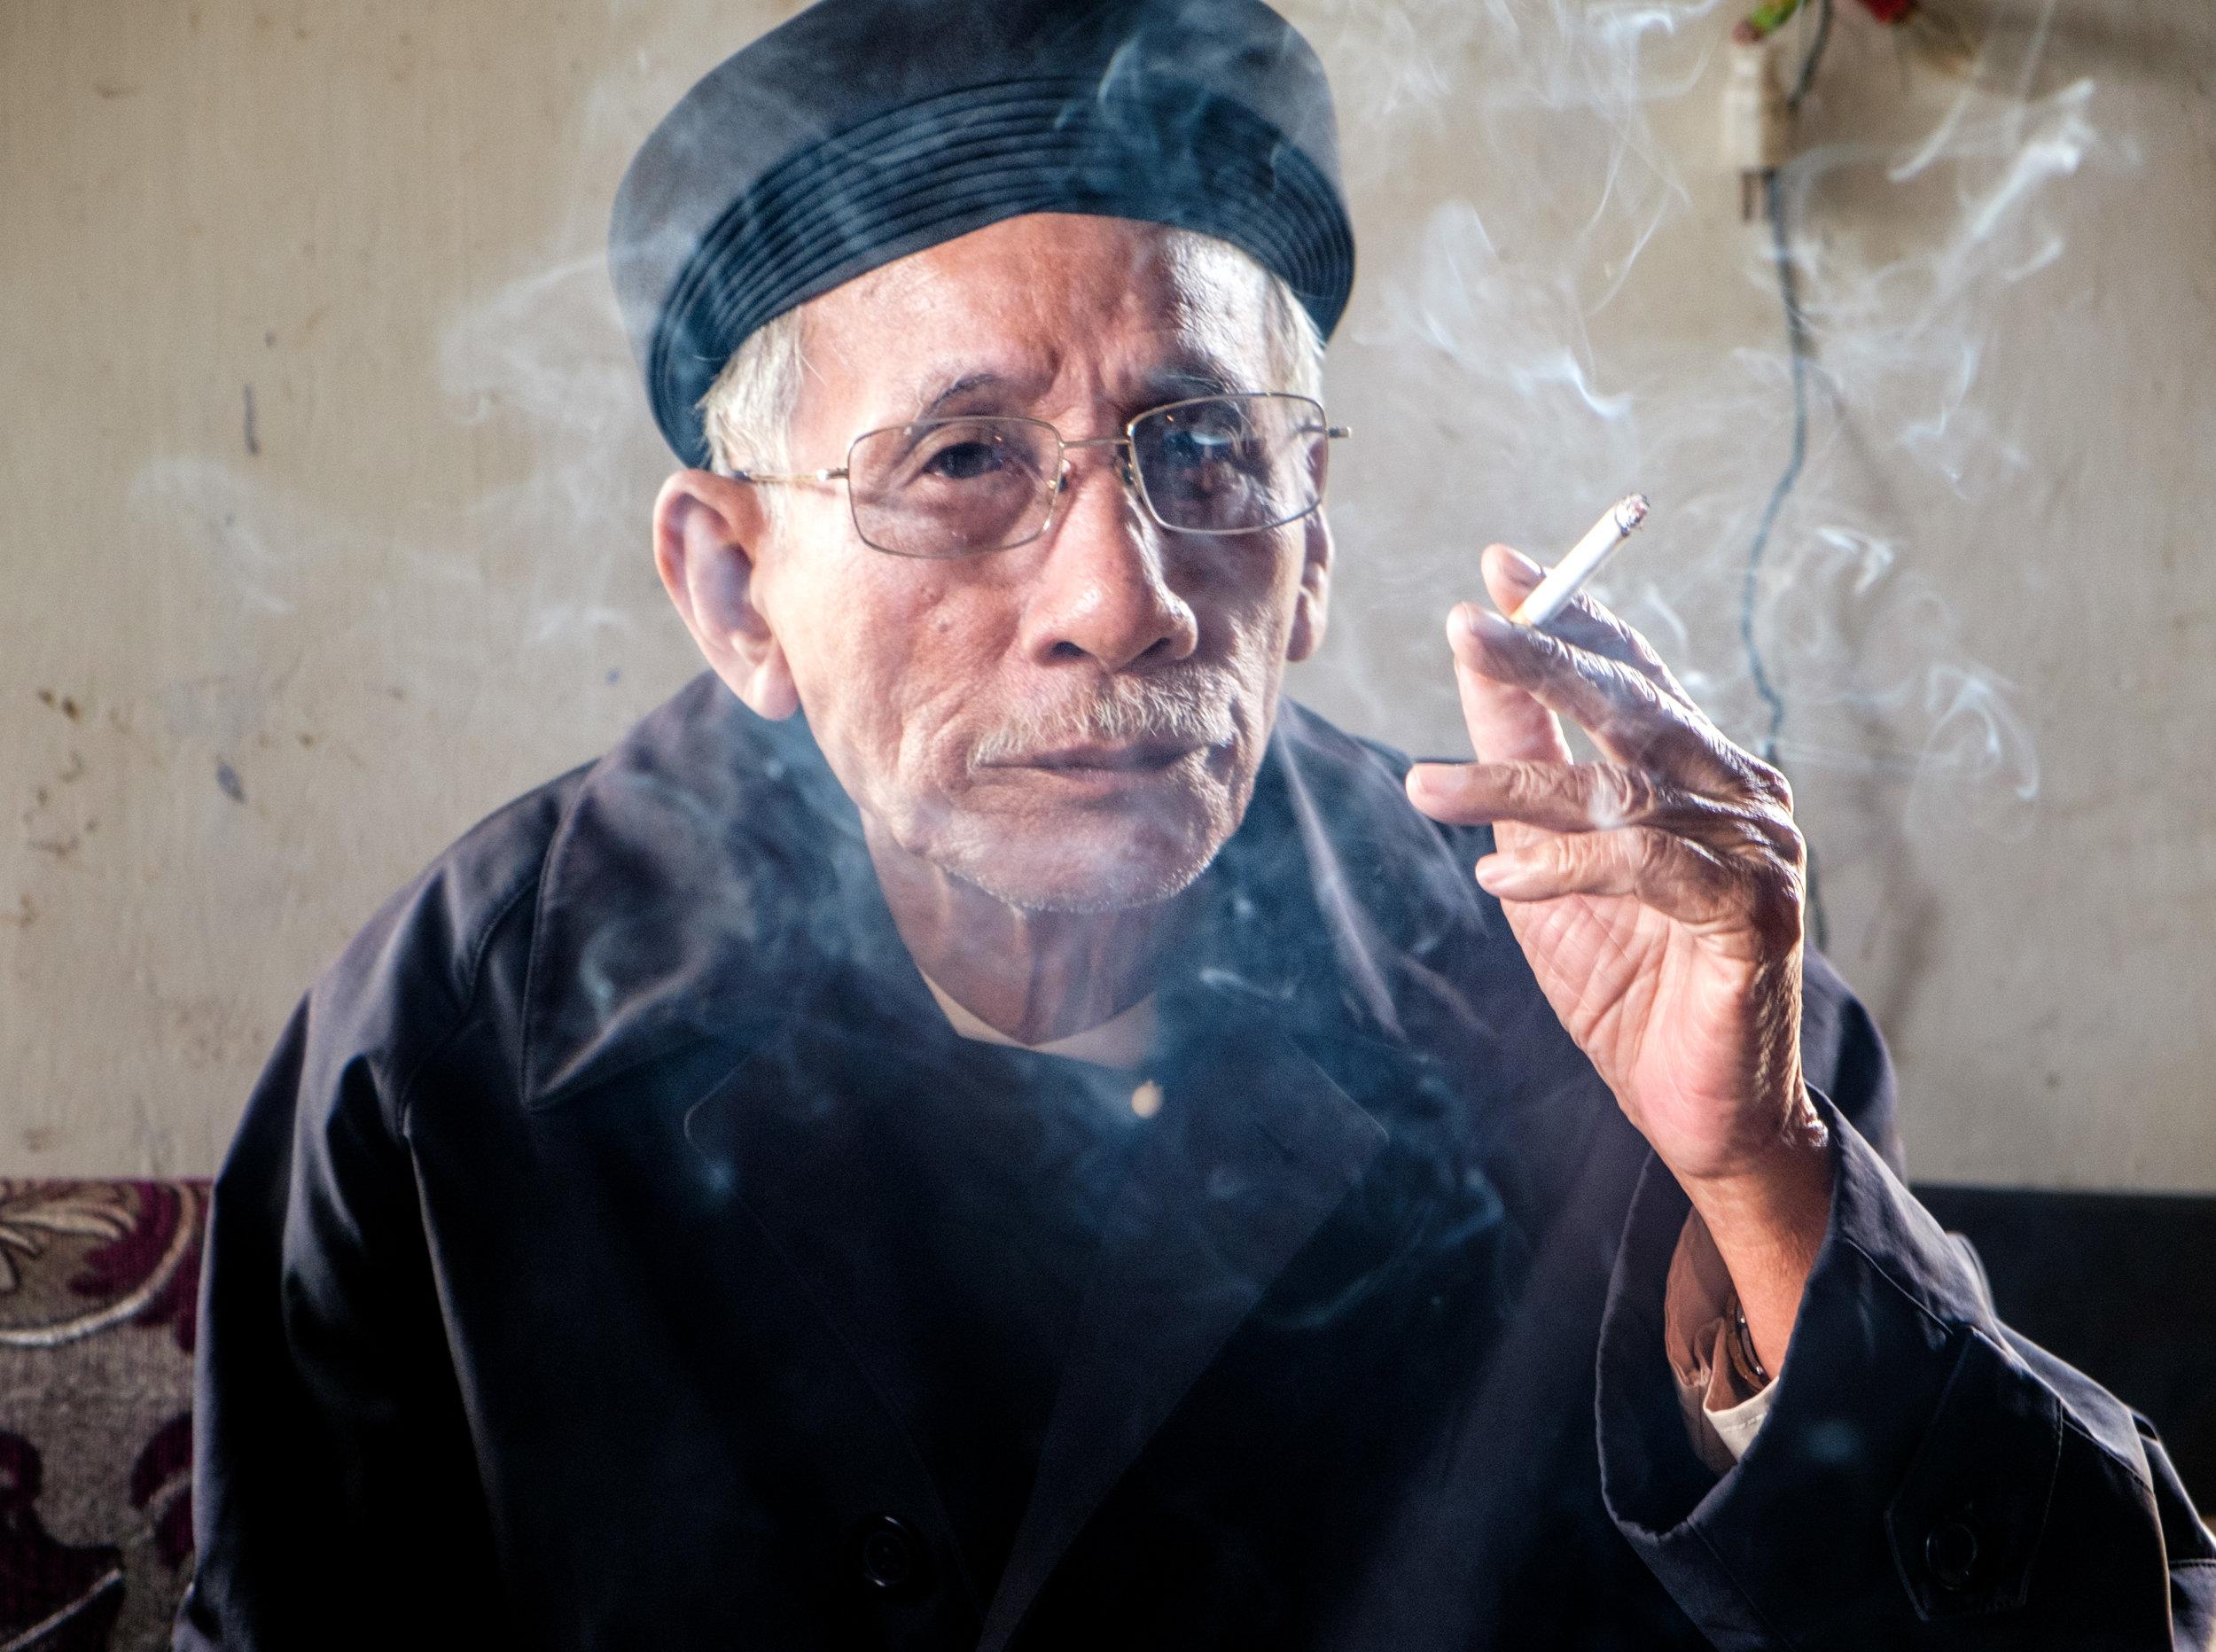 Fumeur au village, frère du grand-père décédé.